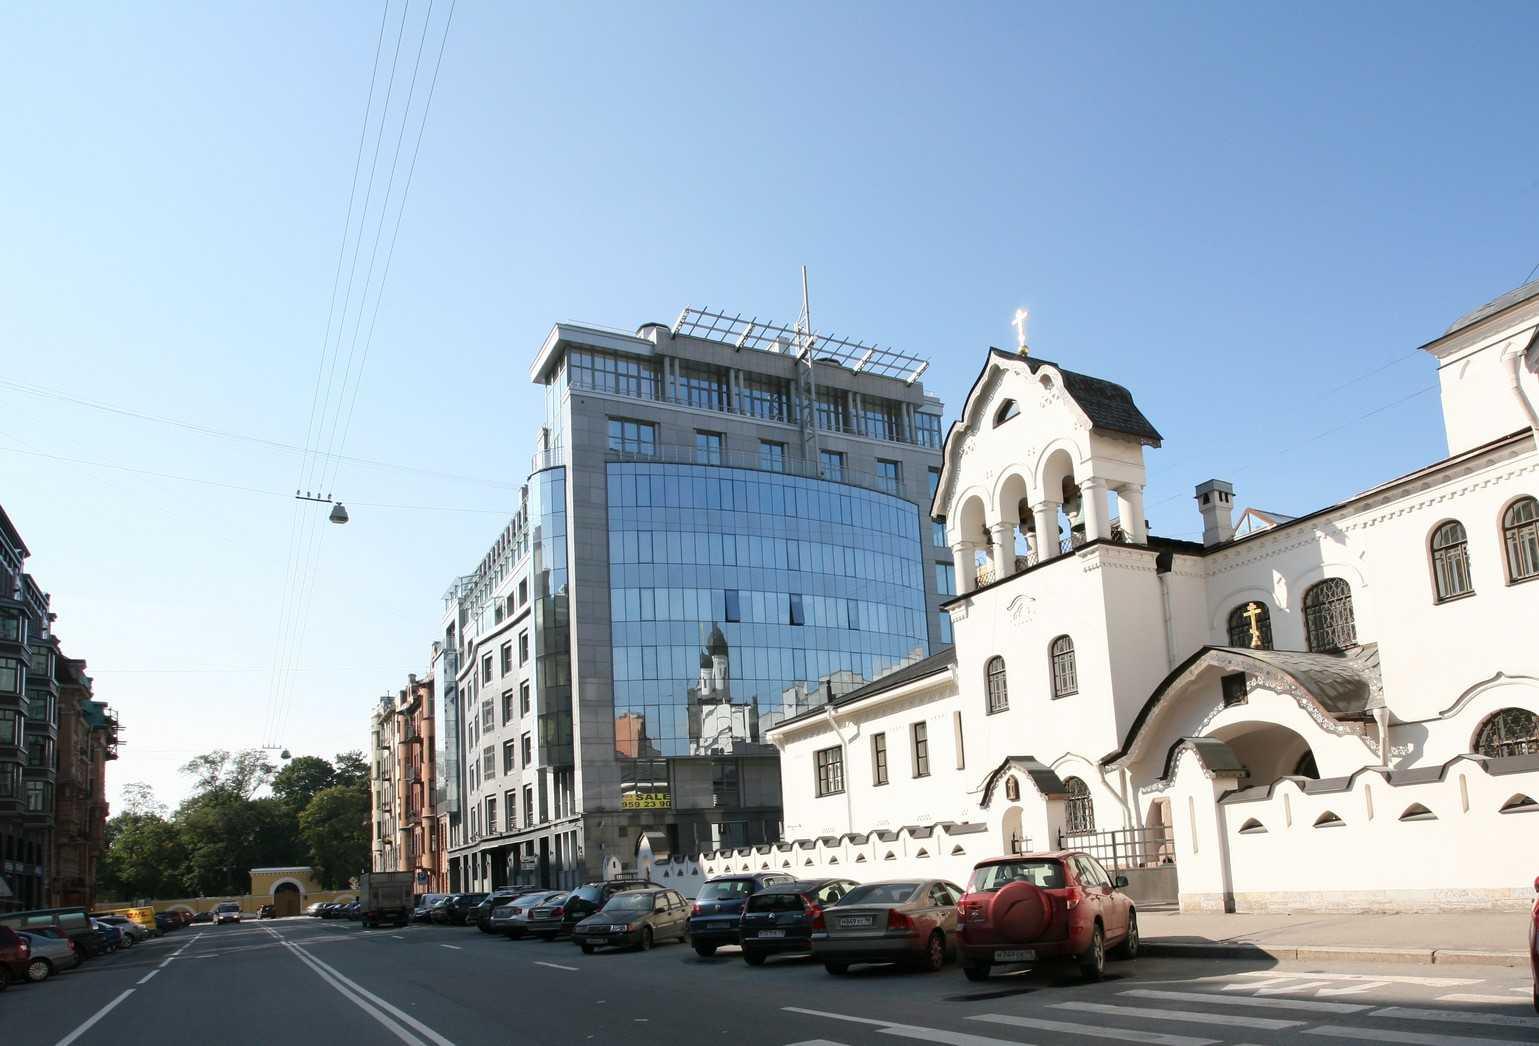 Элитные квартиры в Центральный р-н. Санкт-Петербург, Тверская ул., 1A . Тверская улица с перспективой Таврического сада